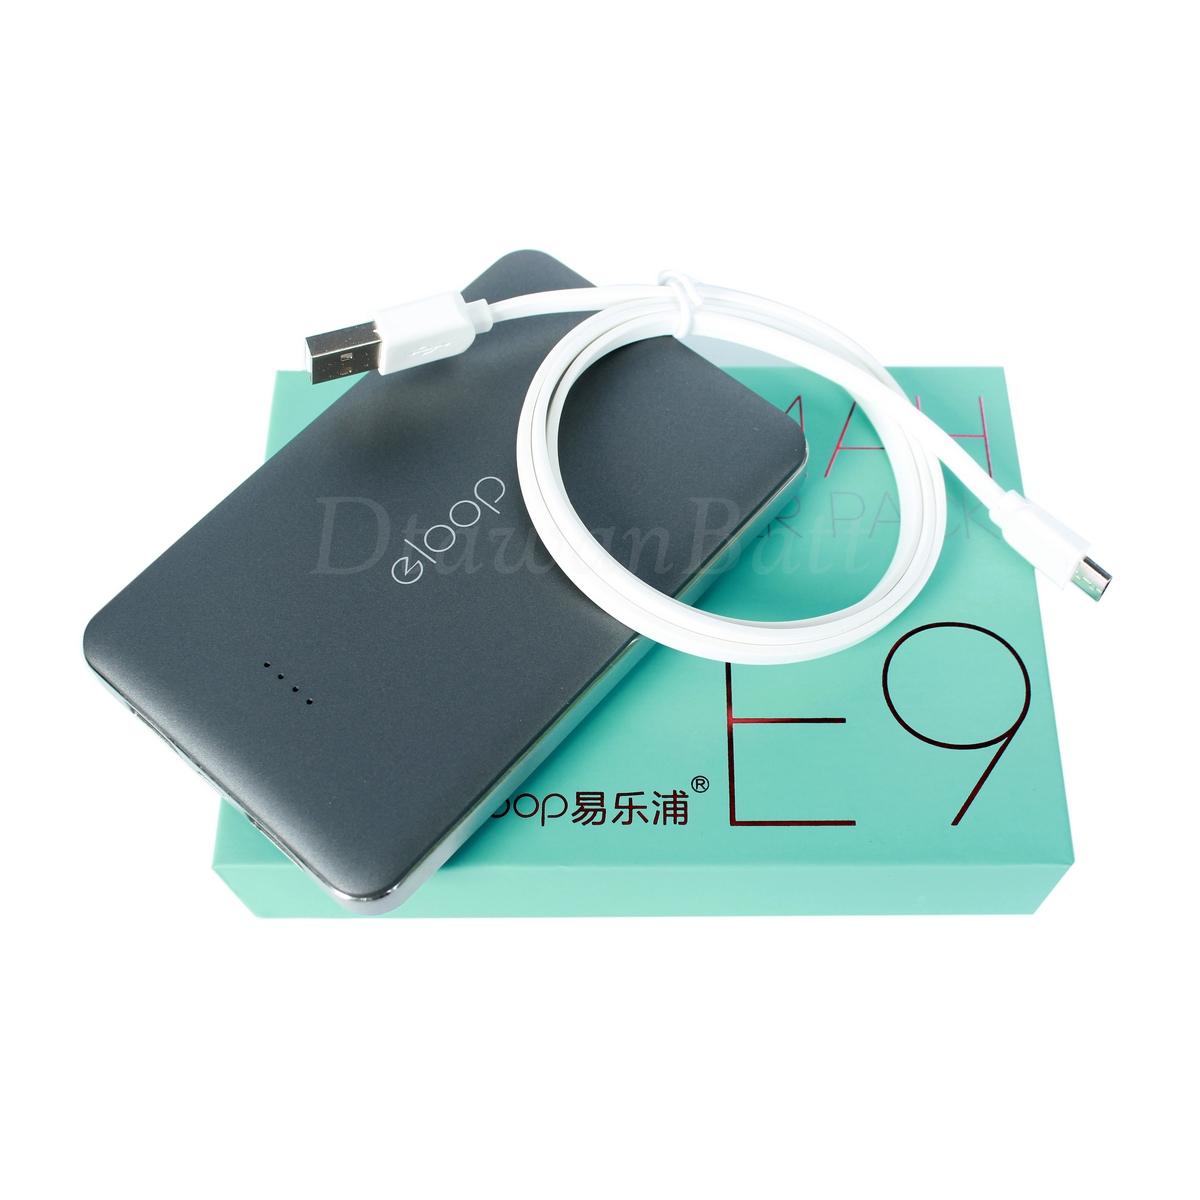 พาวเวอร์แบงค์ eloop e9,แบตสำรอง eloop e9,powerbank 10000mah ของแท้ 100% (สีดำ)